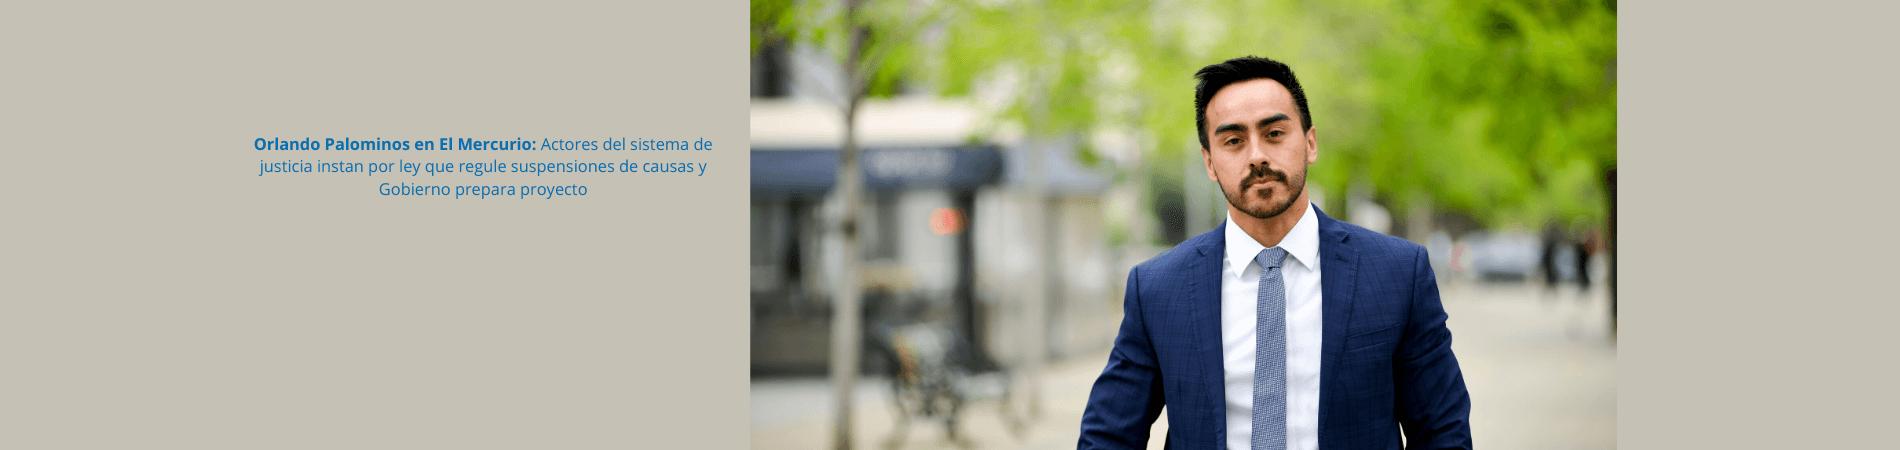 Orlando Palominos en El Mercurio: Actores del sistema de justicia instan por ley que regule suspensiones de causas y Gobierno prepara proyecto